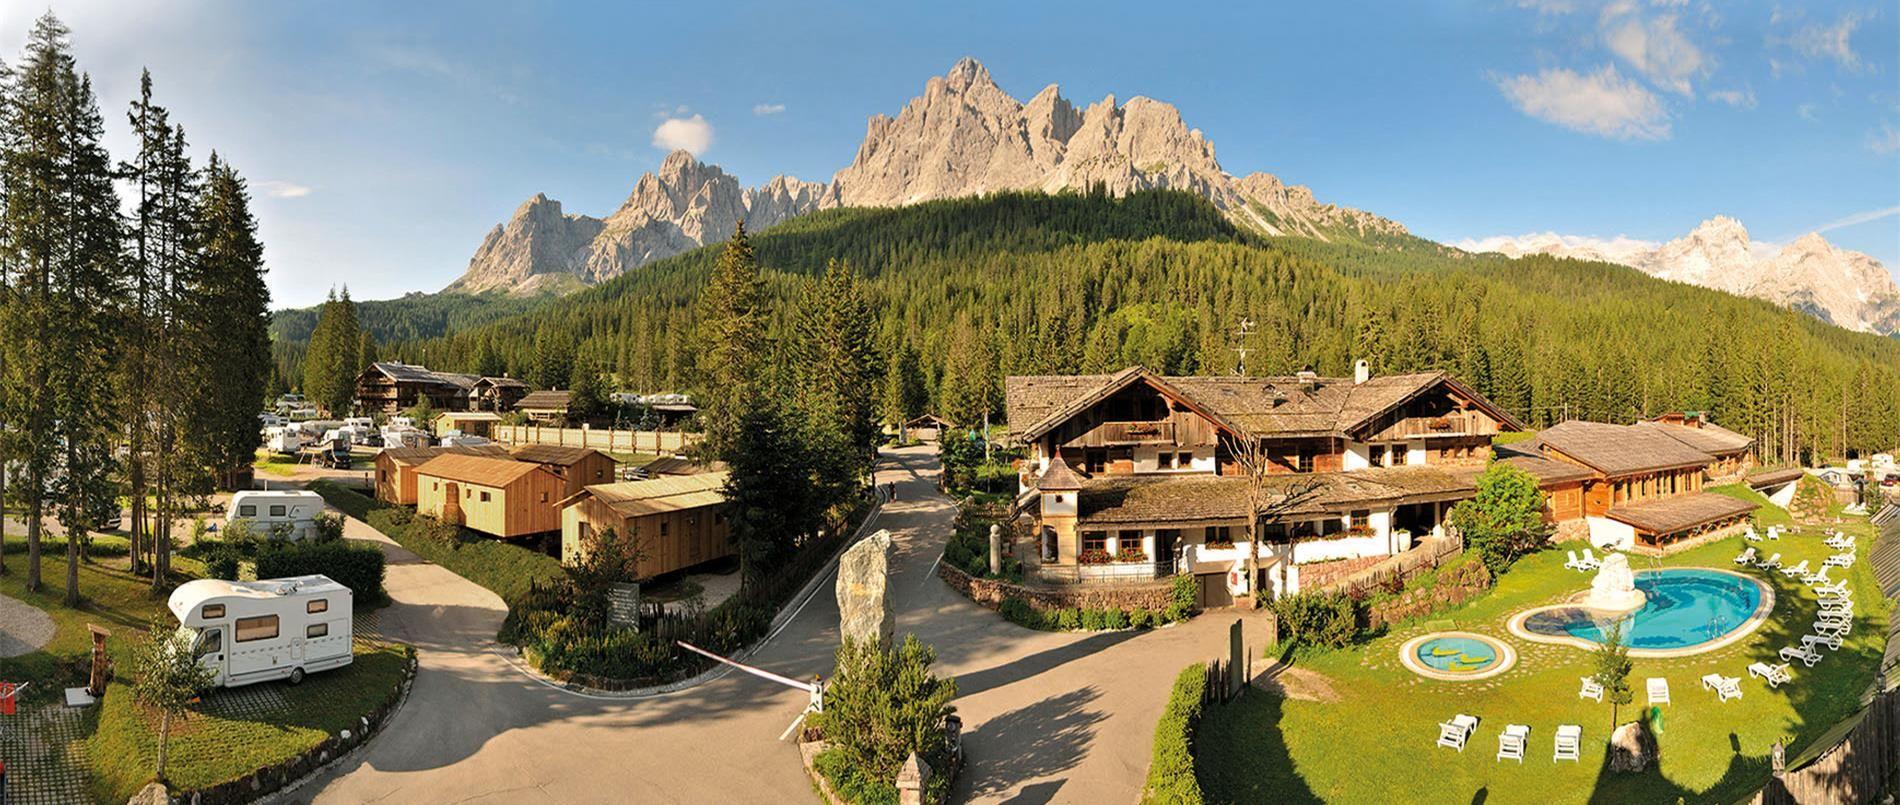 Willkommen im Caravan Park Sexten - Südtirol Campingplatz